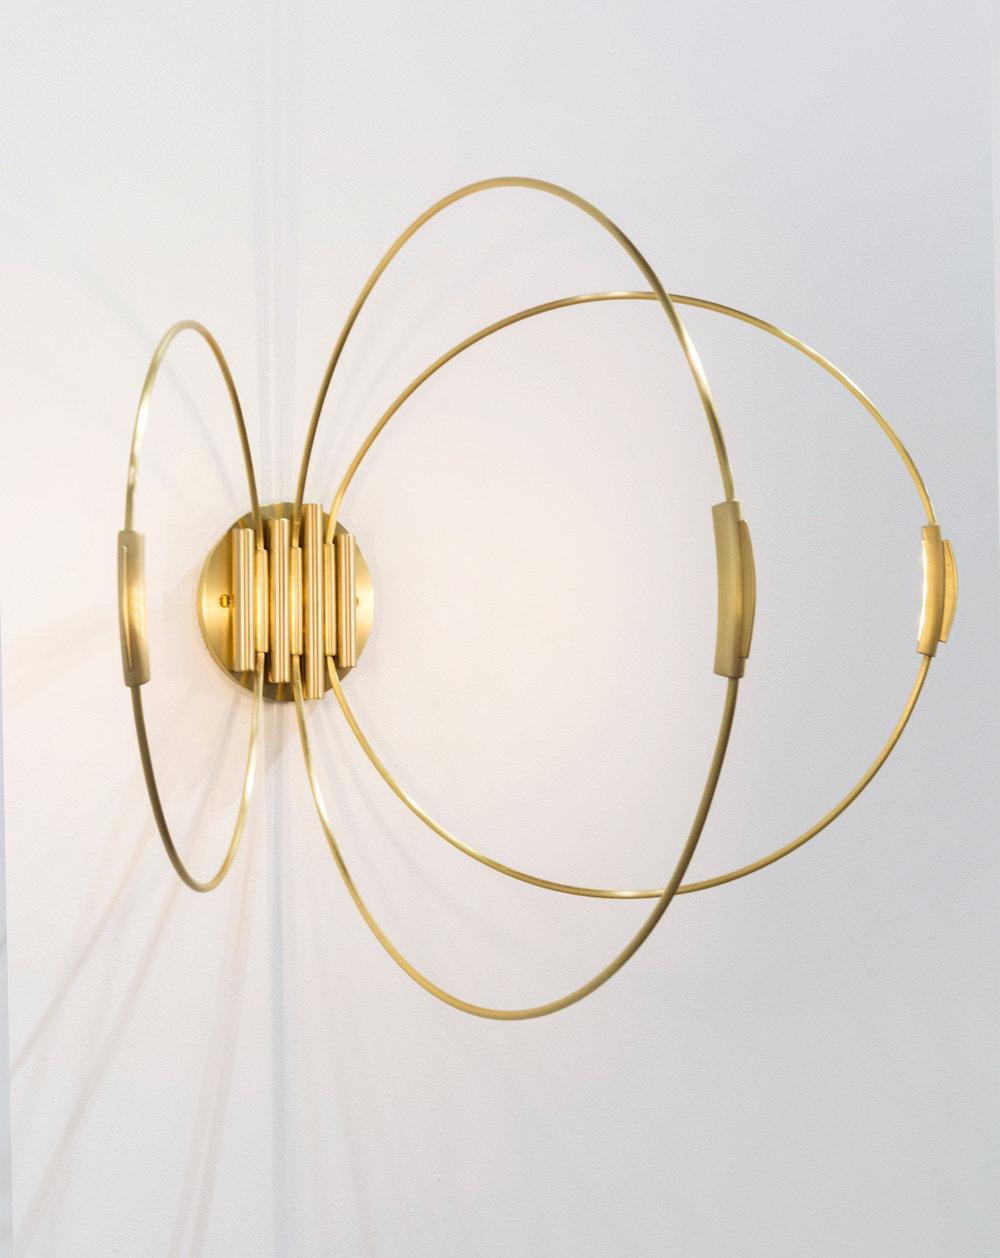 3-rings-sconce-elish-warlop-1 (1).jpg